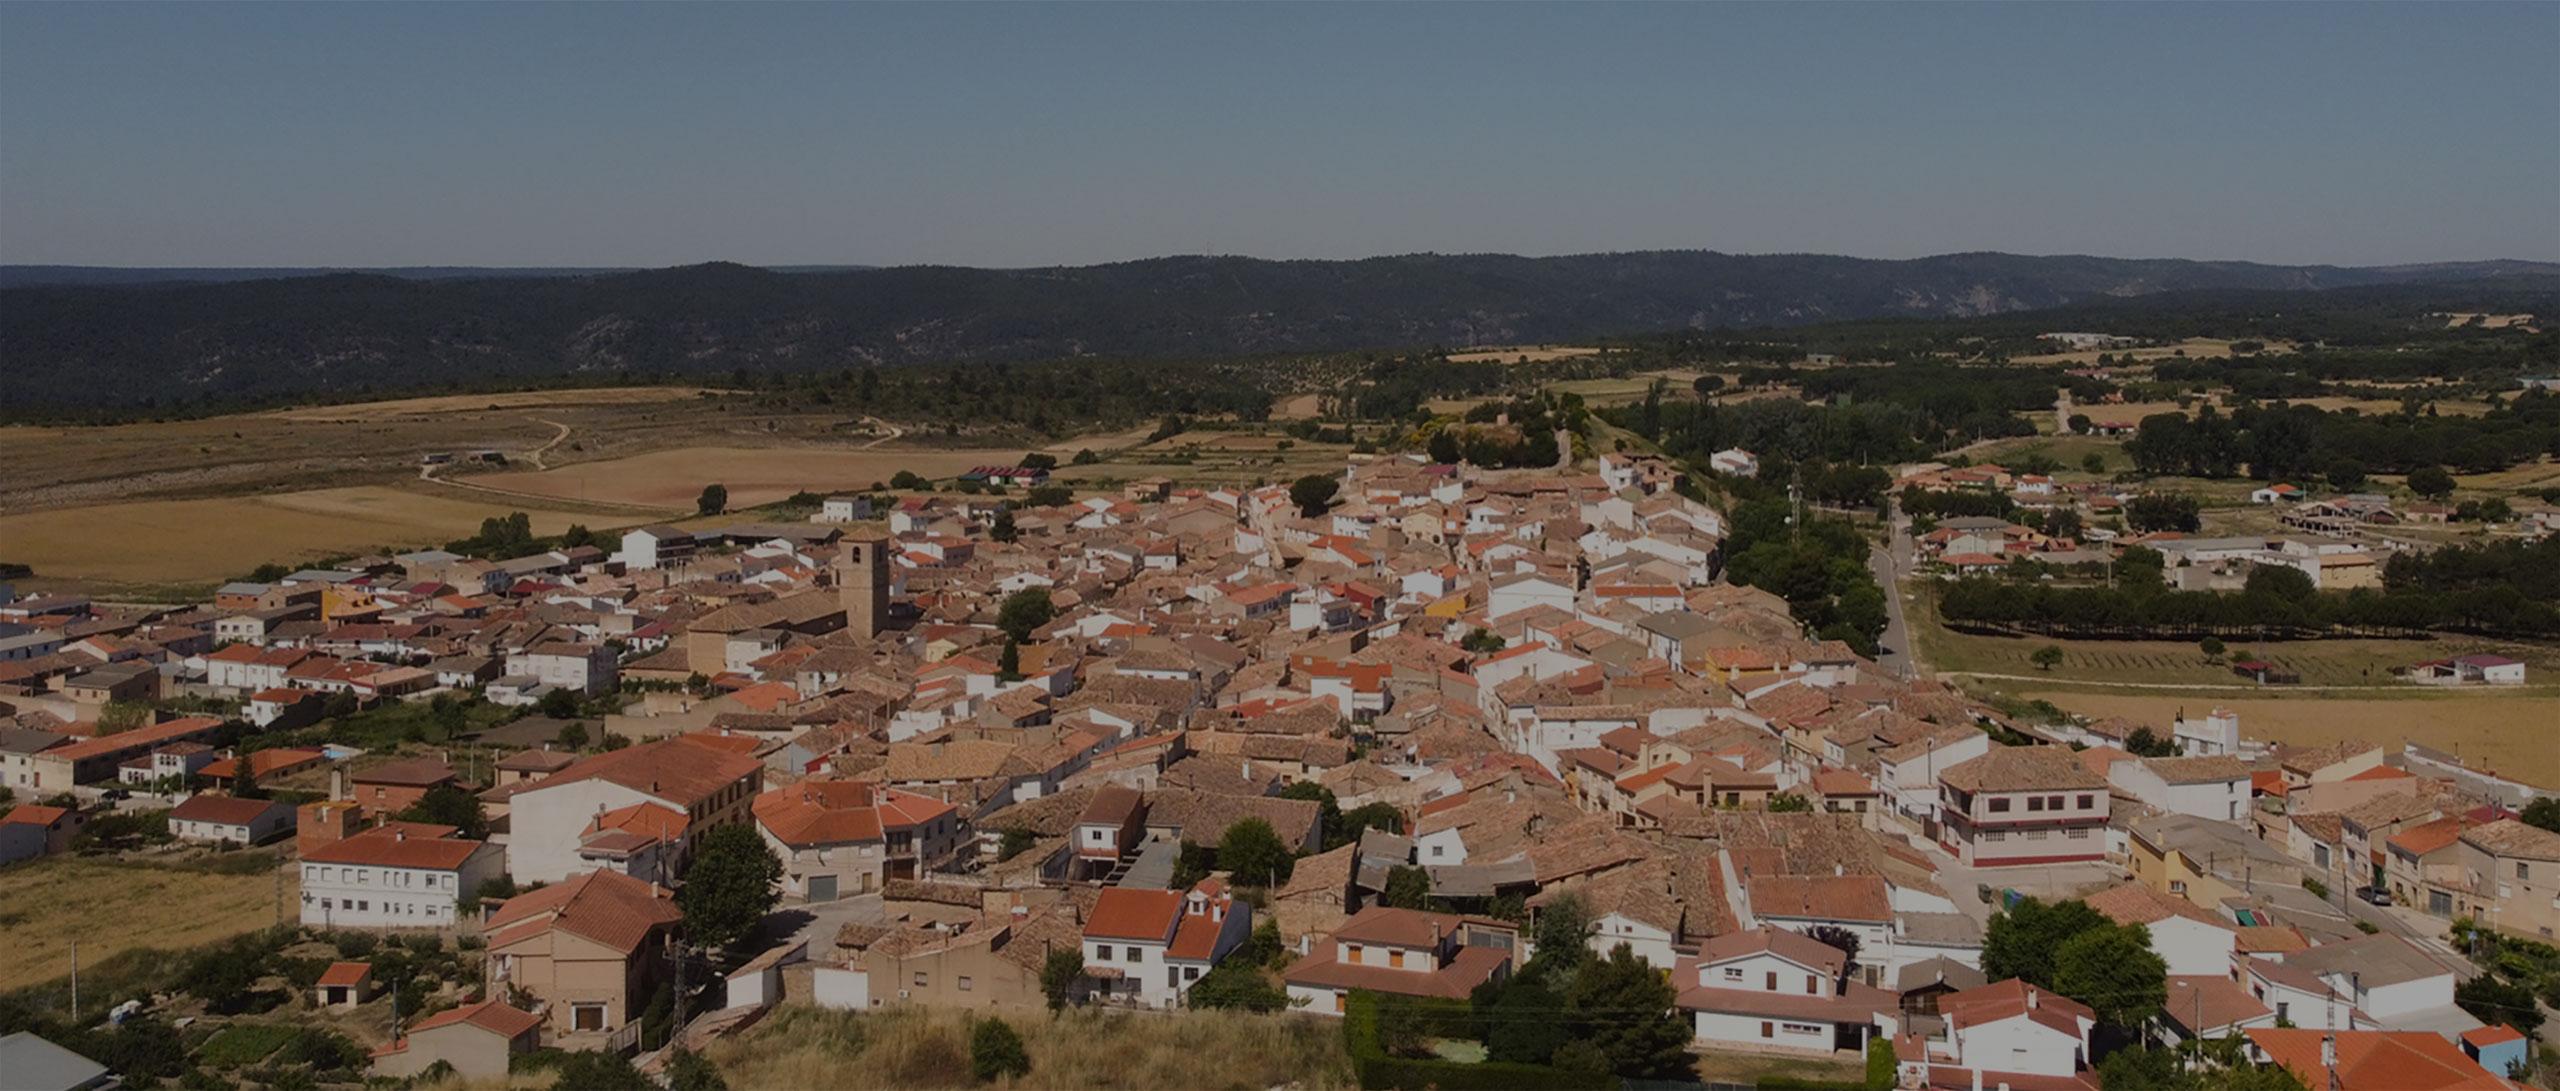 Cardenete - Cuenca